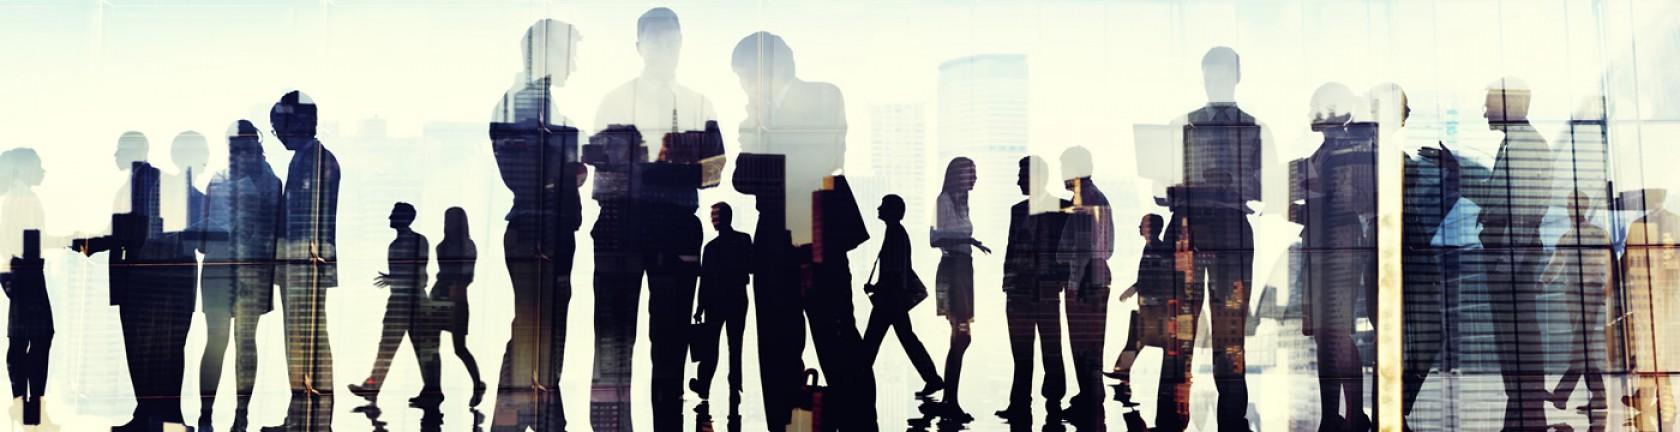 Financement - MBA Communication Publique & Influence EFAP Paris